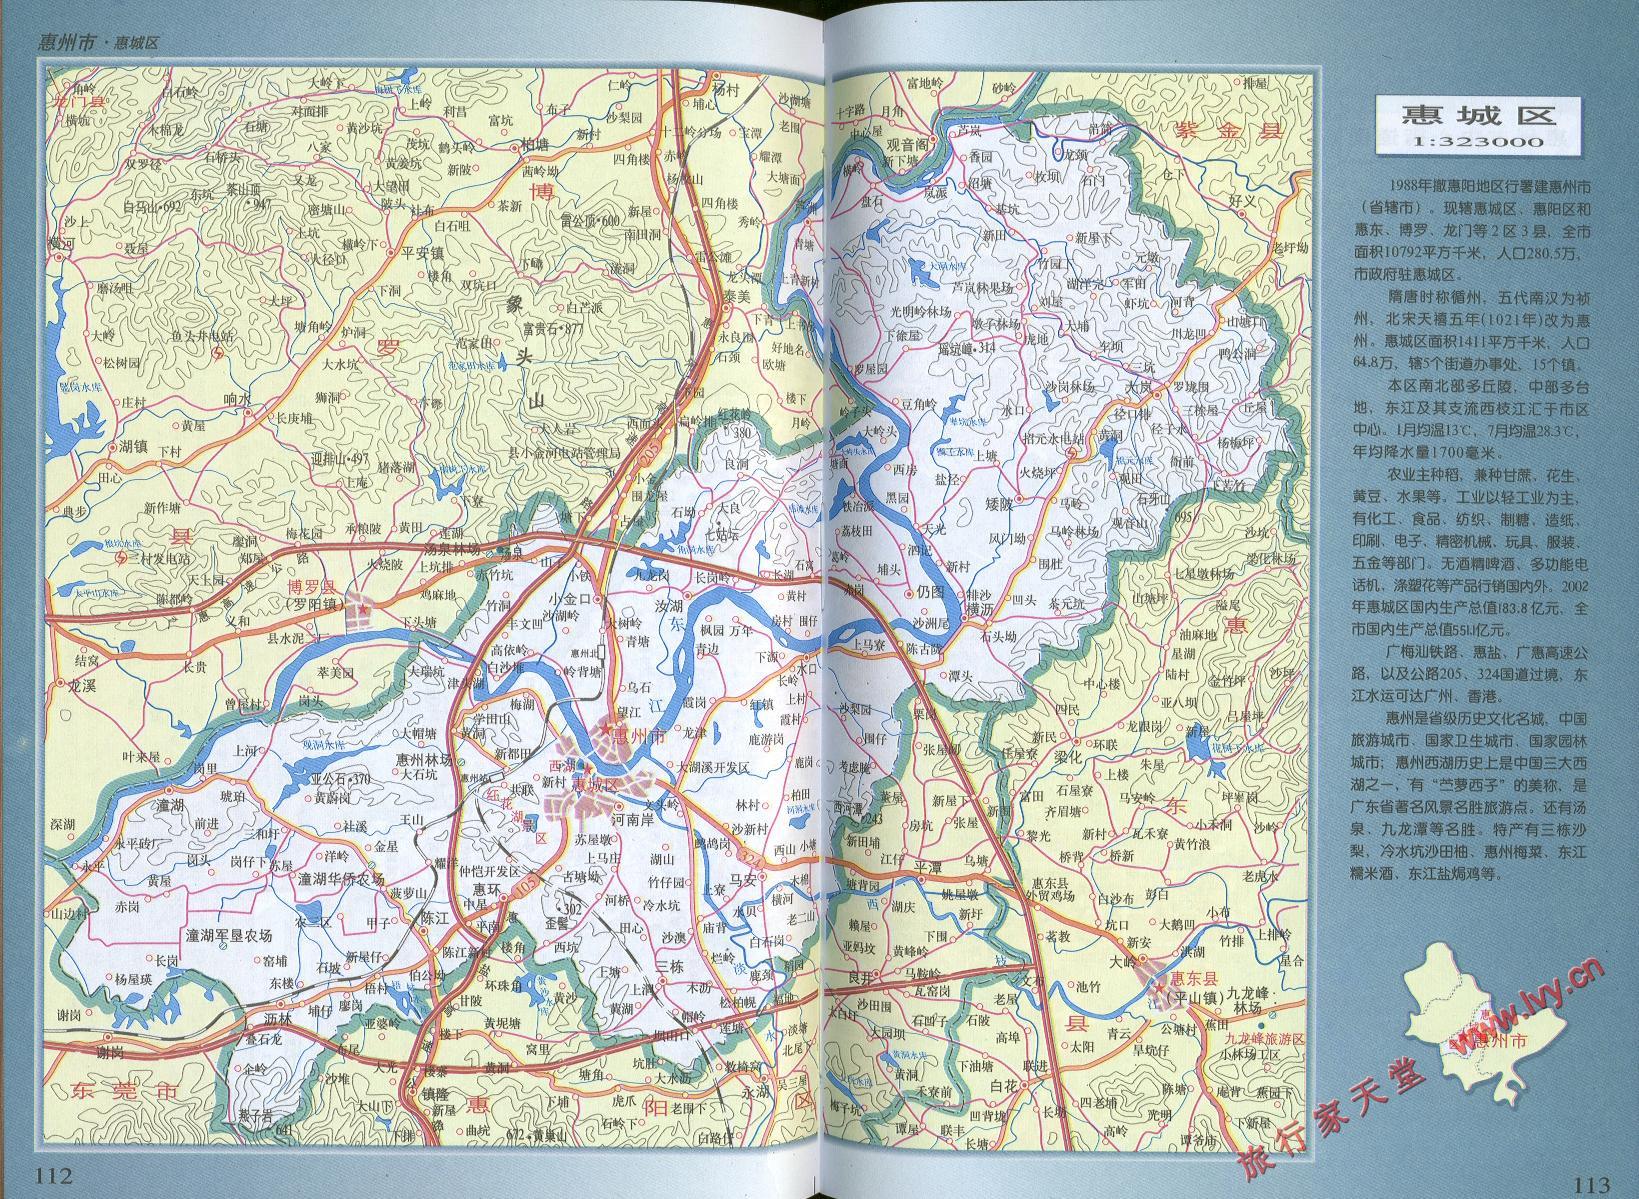 惠州市惠城区地图_惠州地图查询